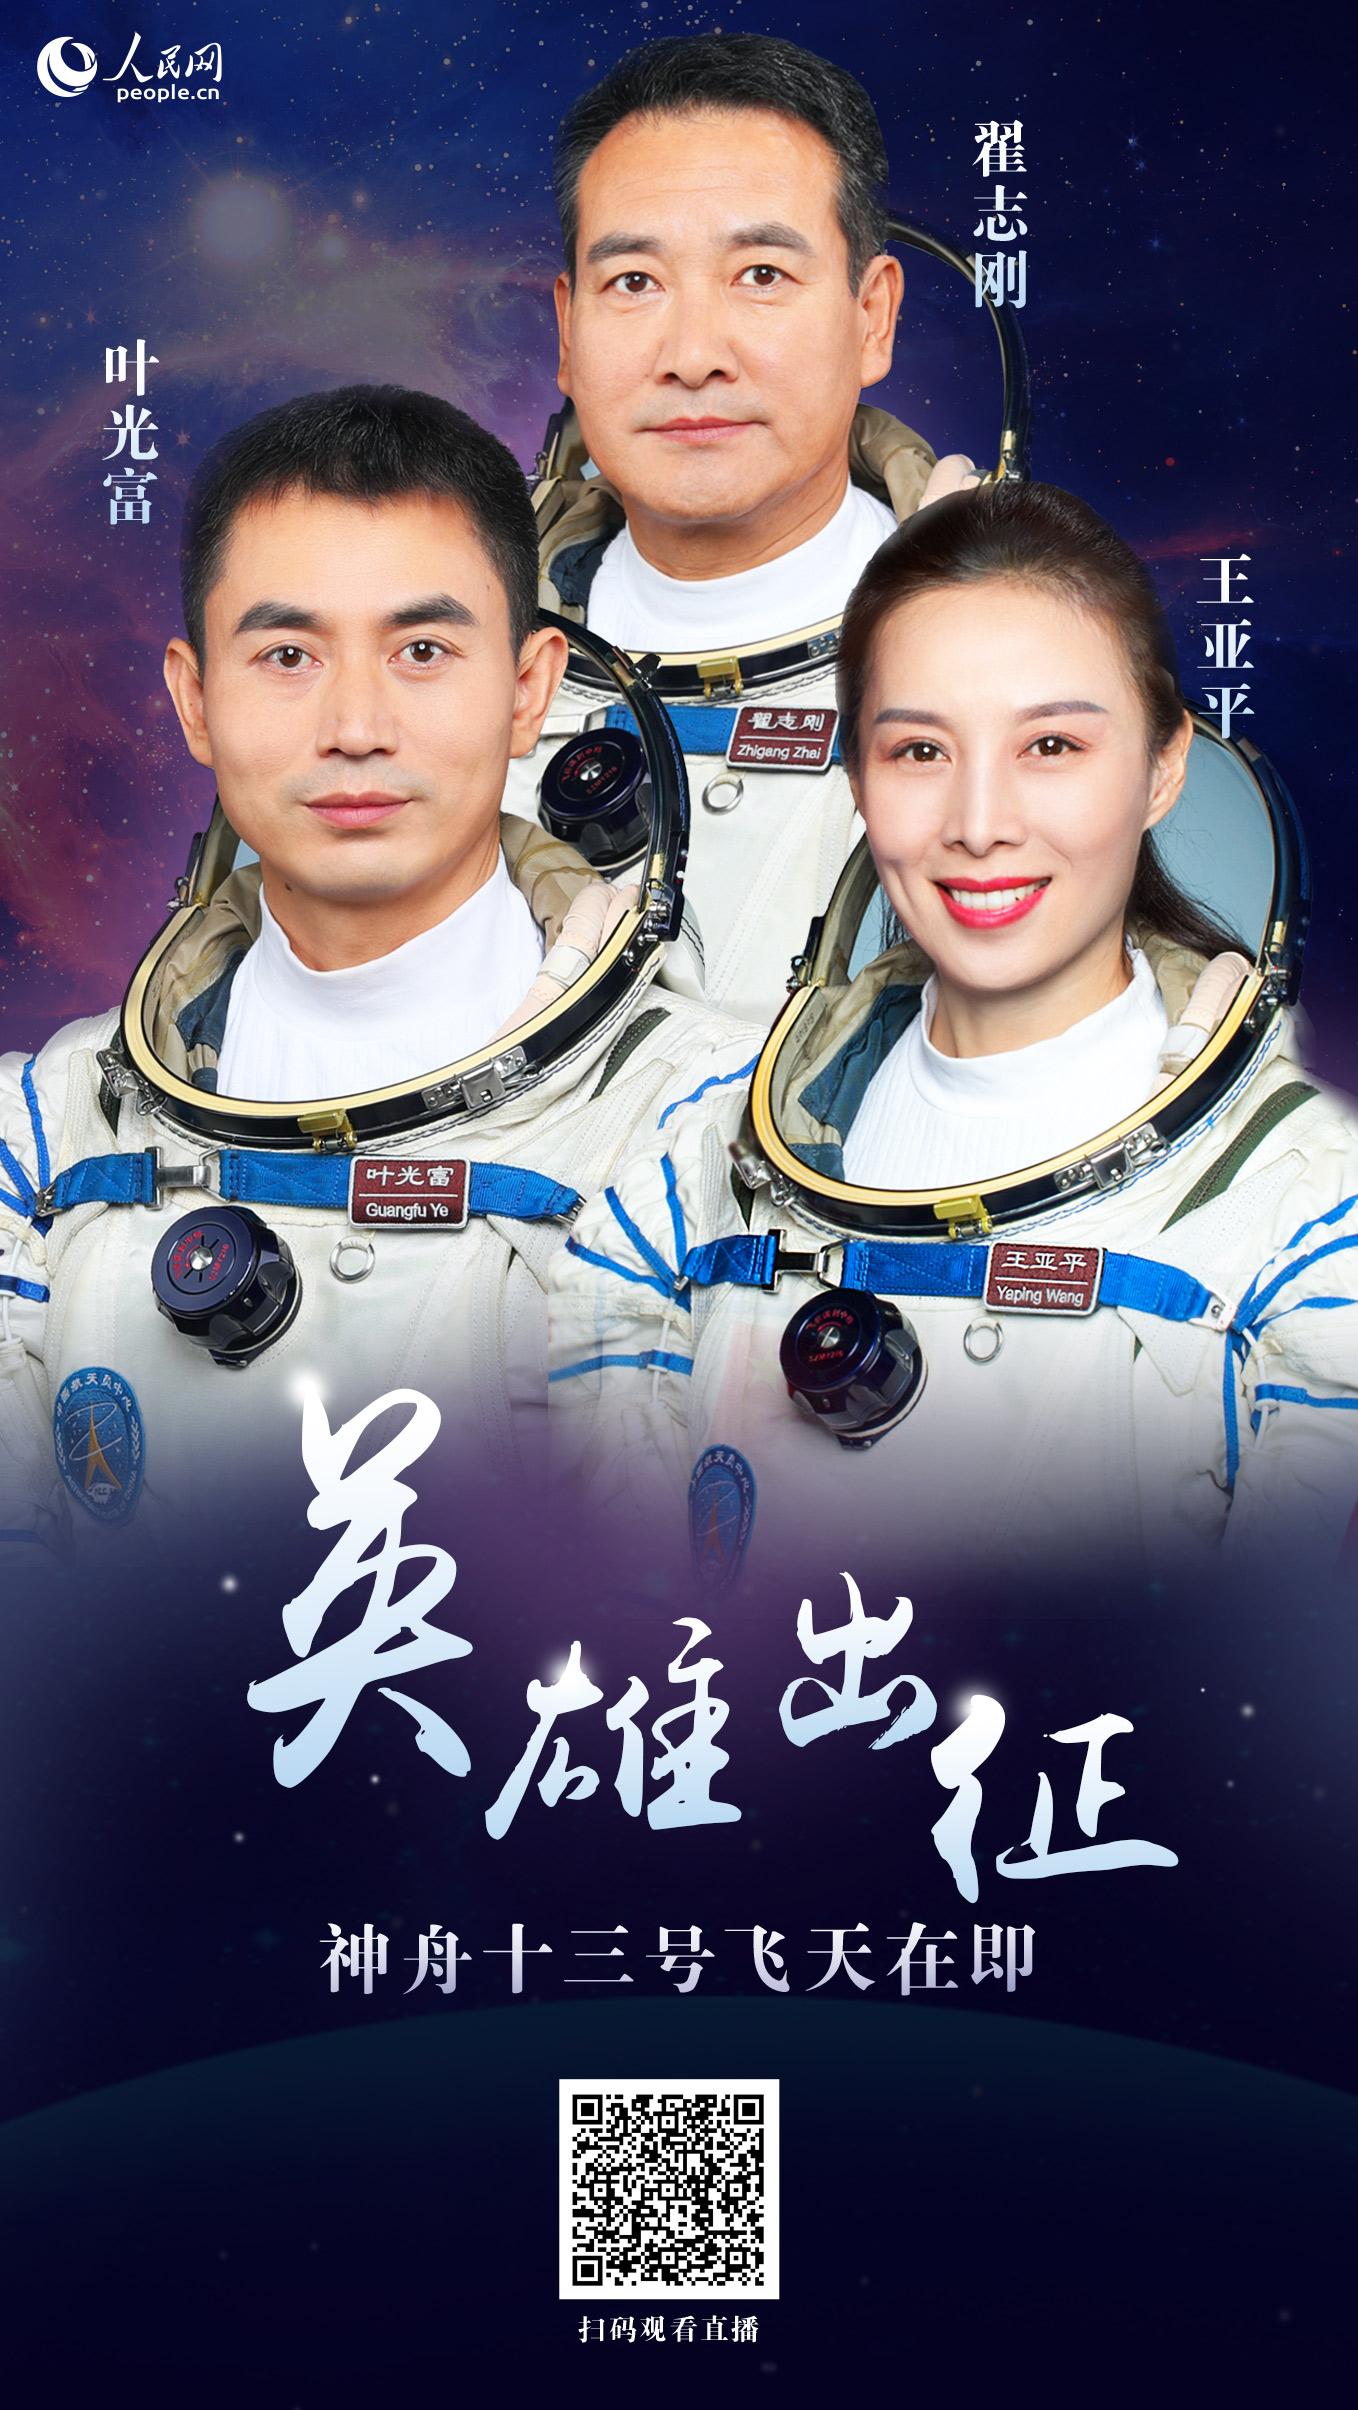 鸿图娱乐:回放:神舟十三号航天员出征仪式